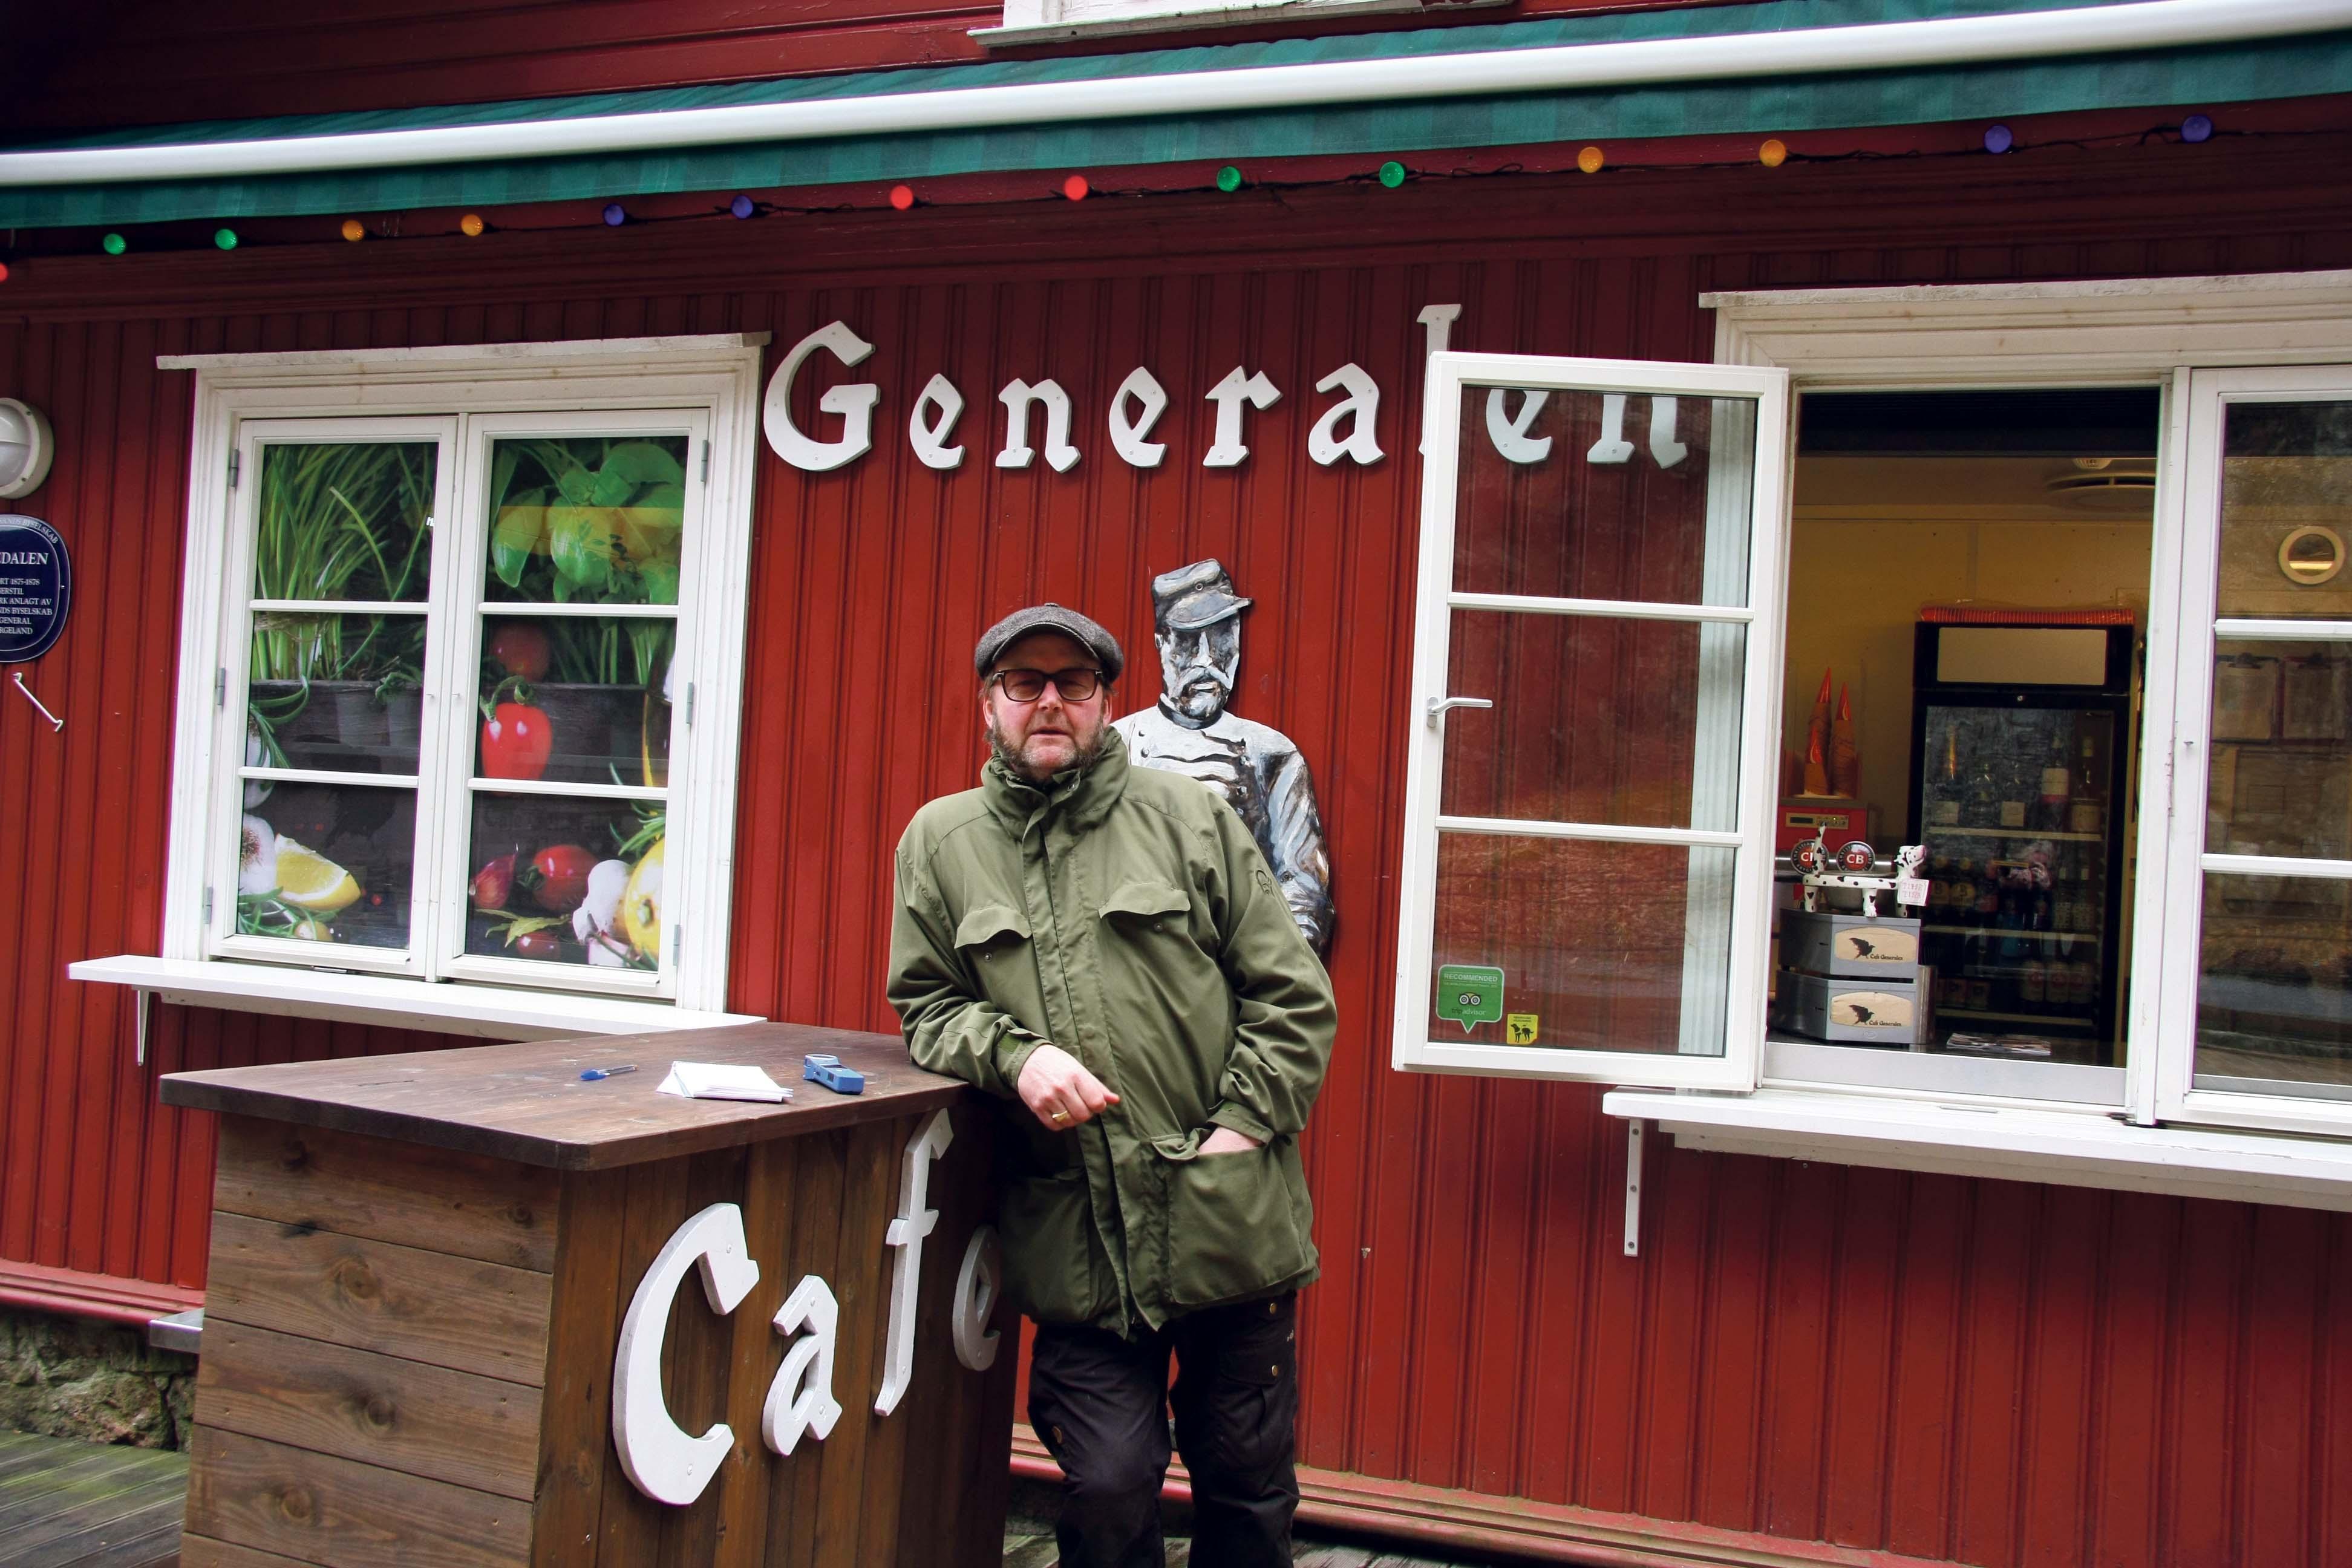 En Entusiastisk Frank Marvin Moe Forteller At Cafe Generalen I år Har 15 års Jubileum, Og At Konsertprogrammet Er Tidenes Beste.